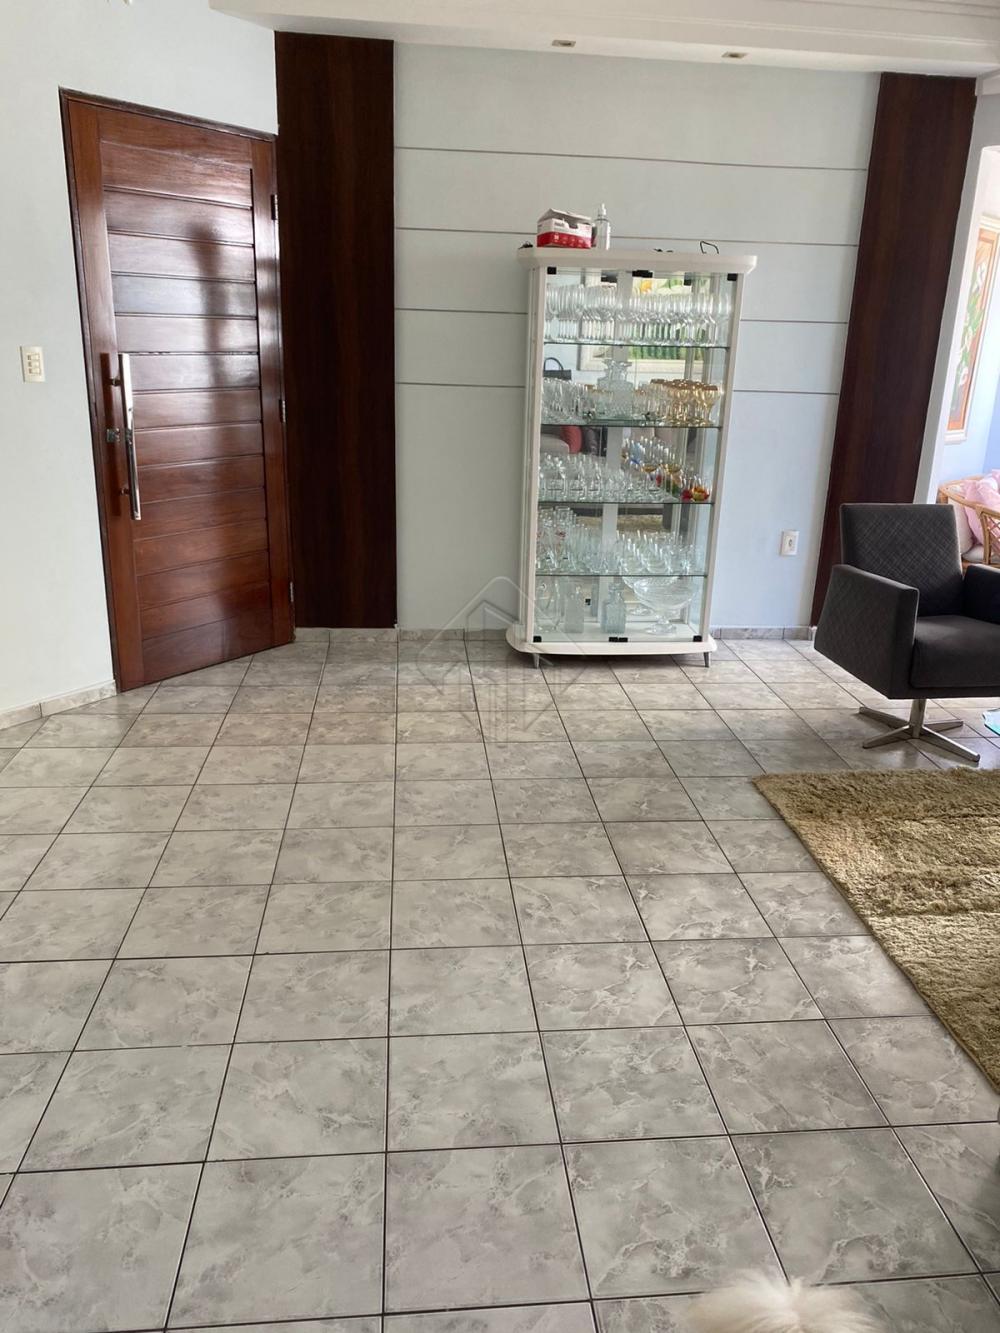 Apartamento localizado no edifício José Lucas de Carvalho no bairro de Tambaú, ótimo lugar para quem procura conforto, comodidade e segurança.  O apartamento conta com:  -108 m² -Sala -4 quartos, sendo 2 suítes -WC social -Cozinha -Móveis progetados -2 varandas -Uma vaga de garagem  O Edifício conta com piscina e salão de festas.  Marque agora mesmo uma visita e aproveite os melhores momentos com a sua família de casa nova!  AGENDE AGORA SUA VISITA TEIXEIRA DE CARVALHO IMOBILIÁRIA CRECI 304J - (83) 2106-4545